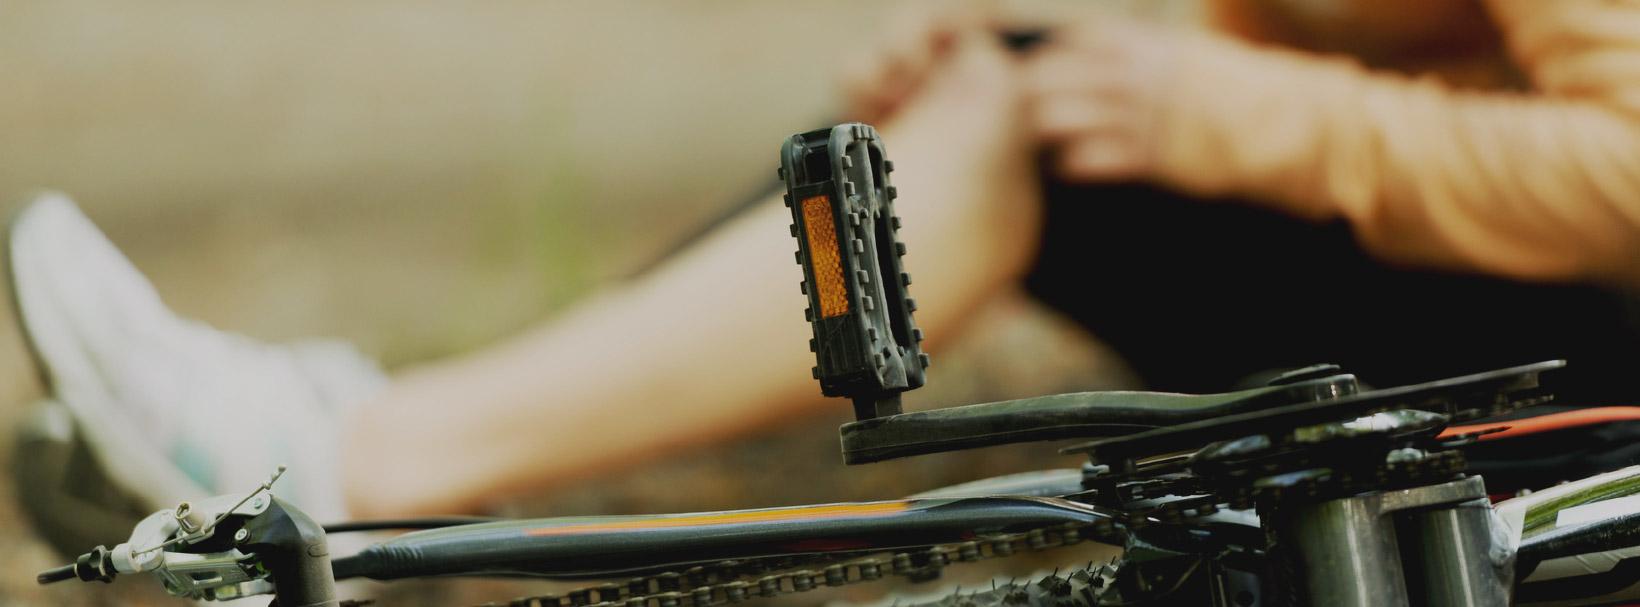 En Onandia Abogados garantizamos la maxima indemnizacion por todo tipo de accidentes en via publica, transporte publico, locales, deportivo...